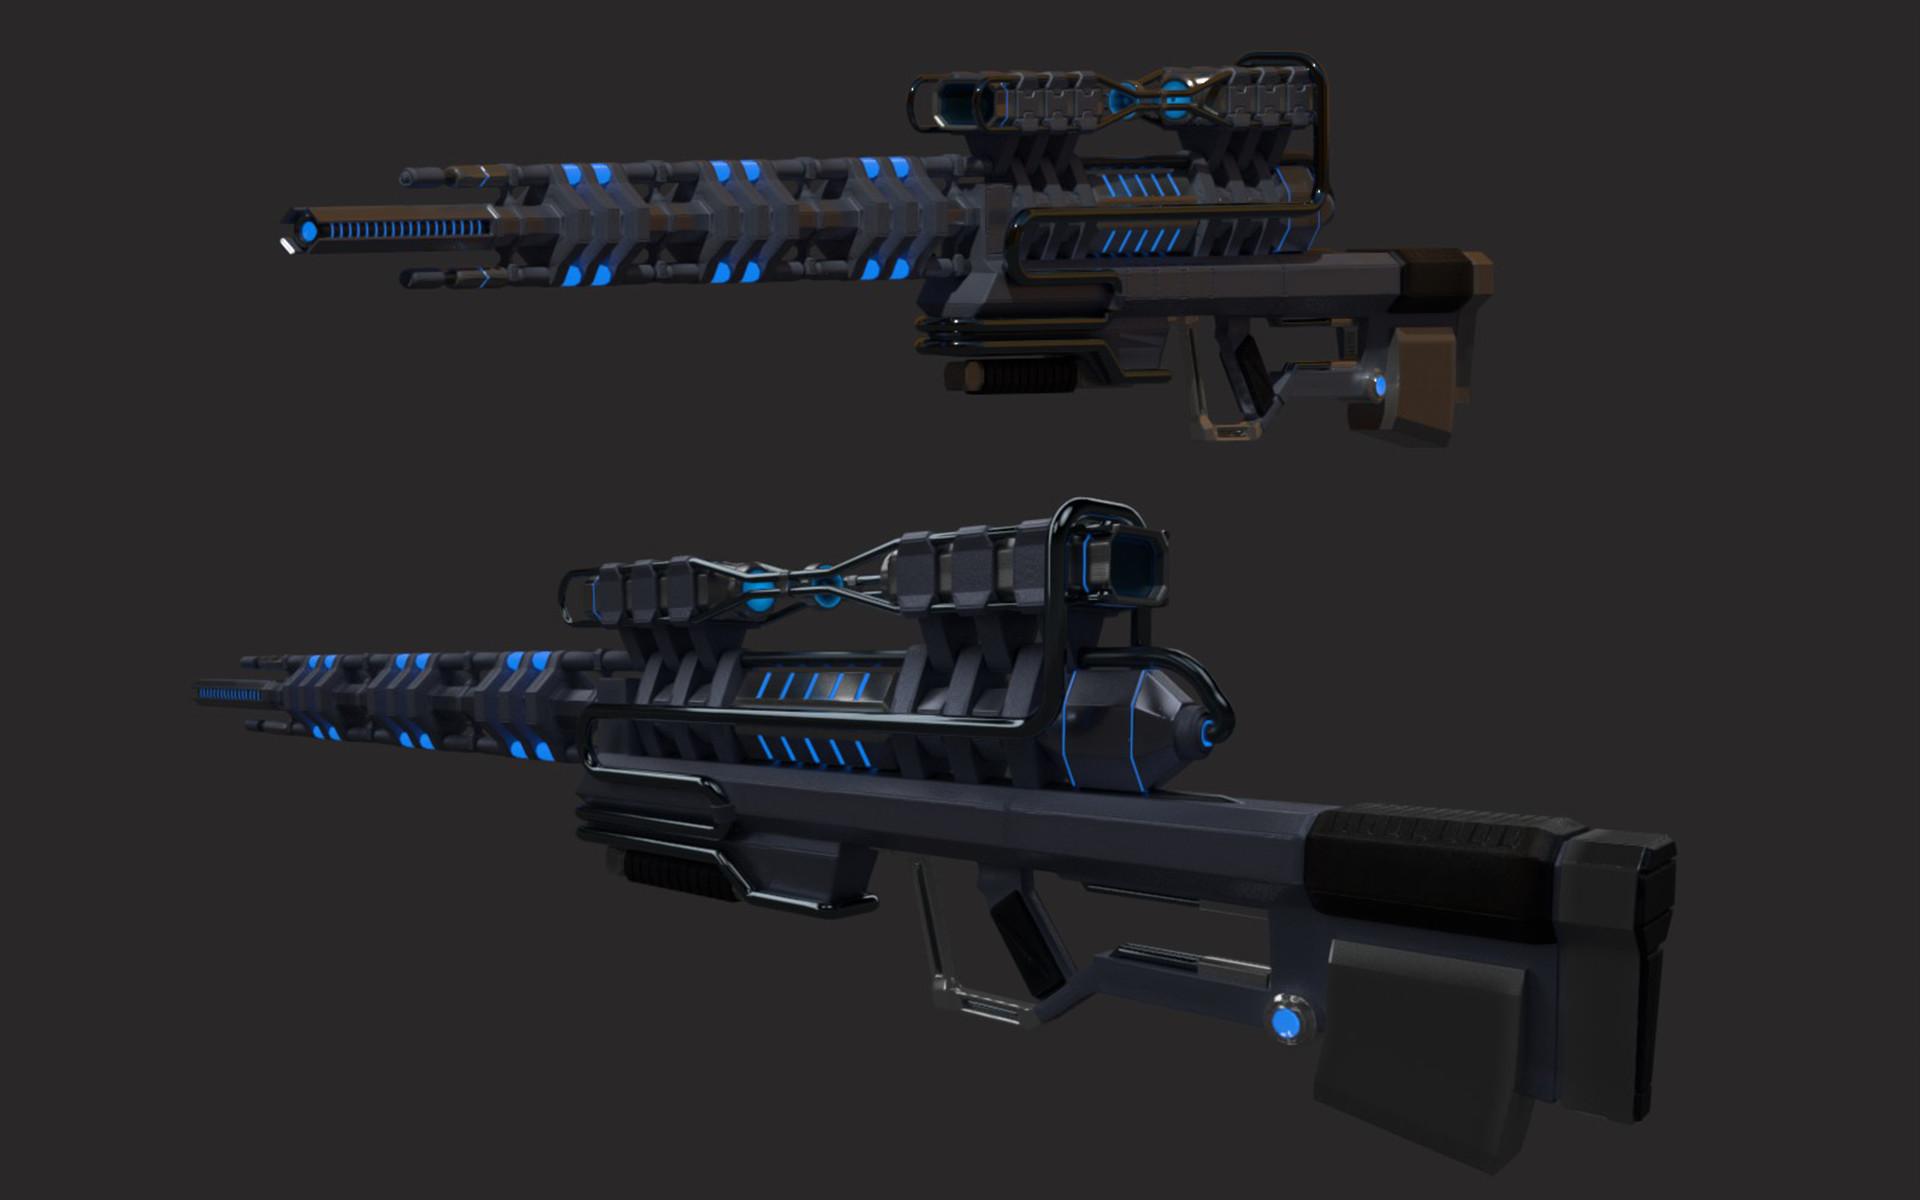 Duncan ecclestone sniper 020 022